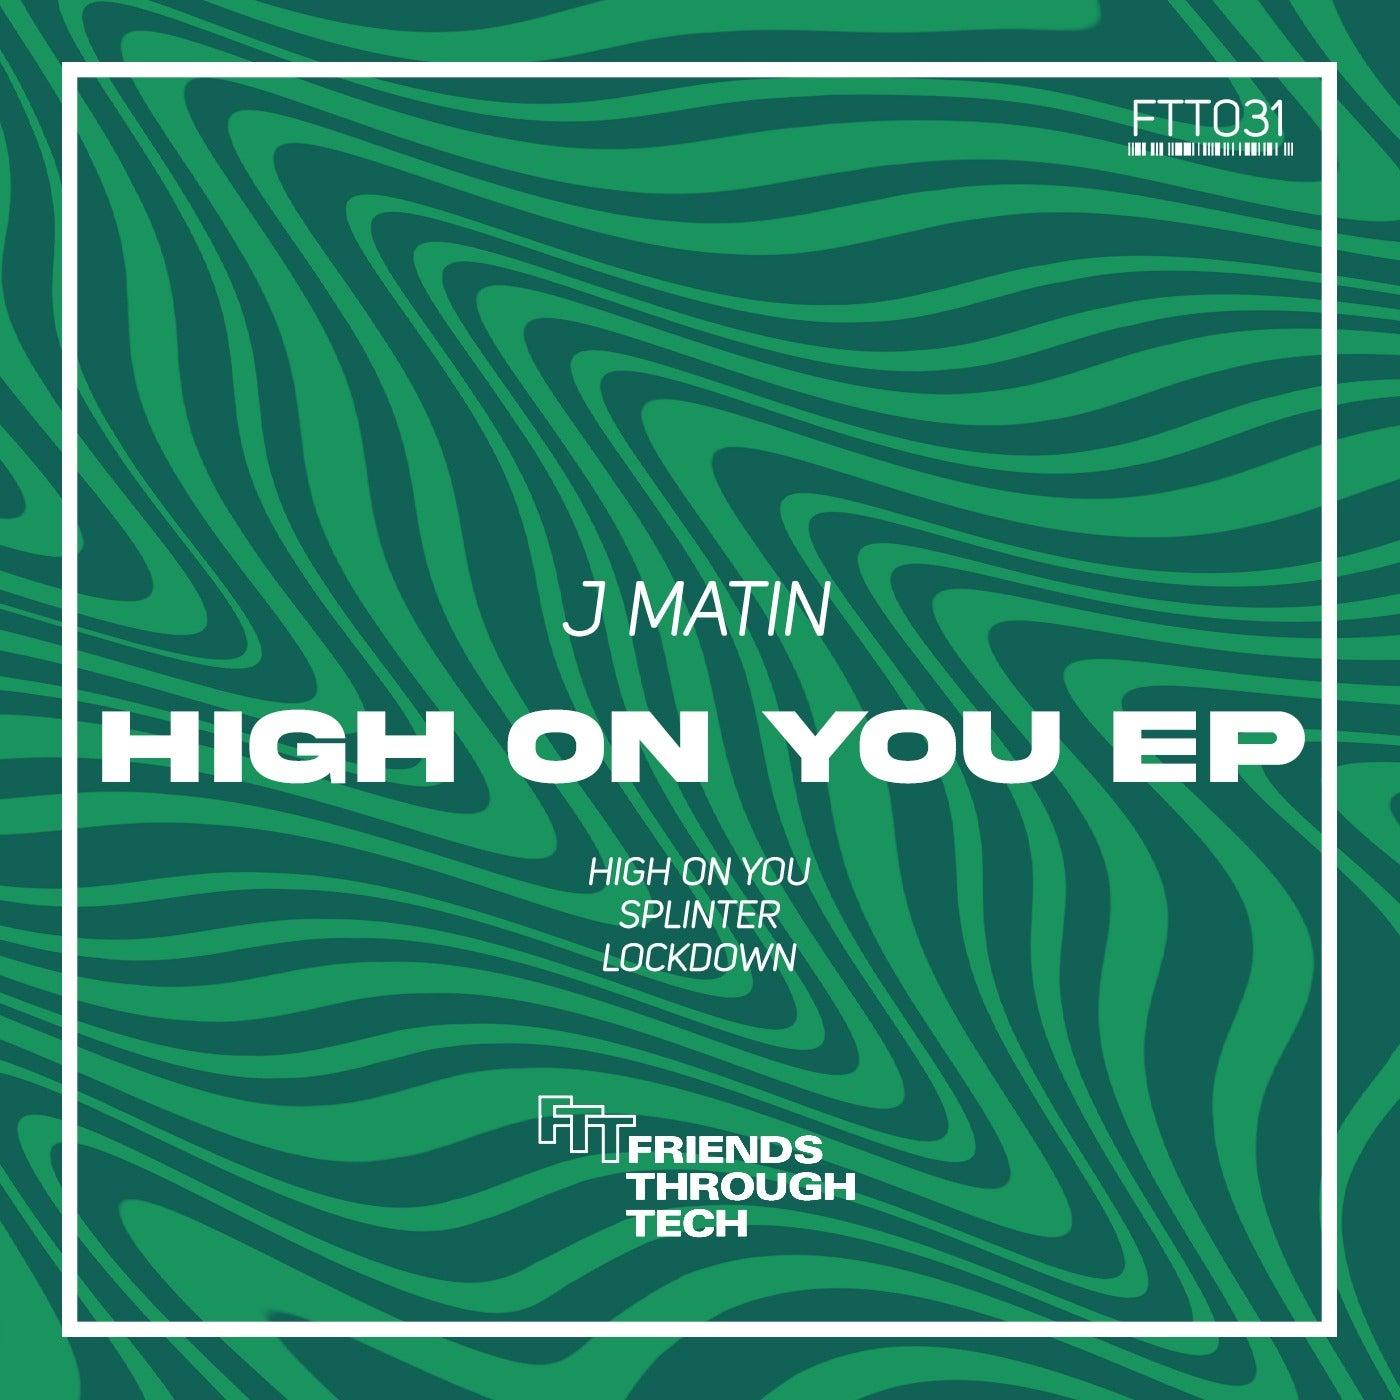 High On You EP